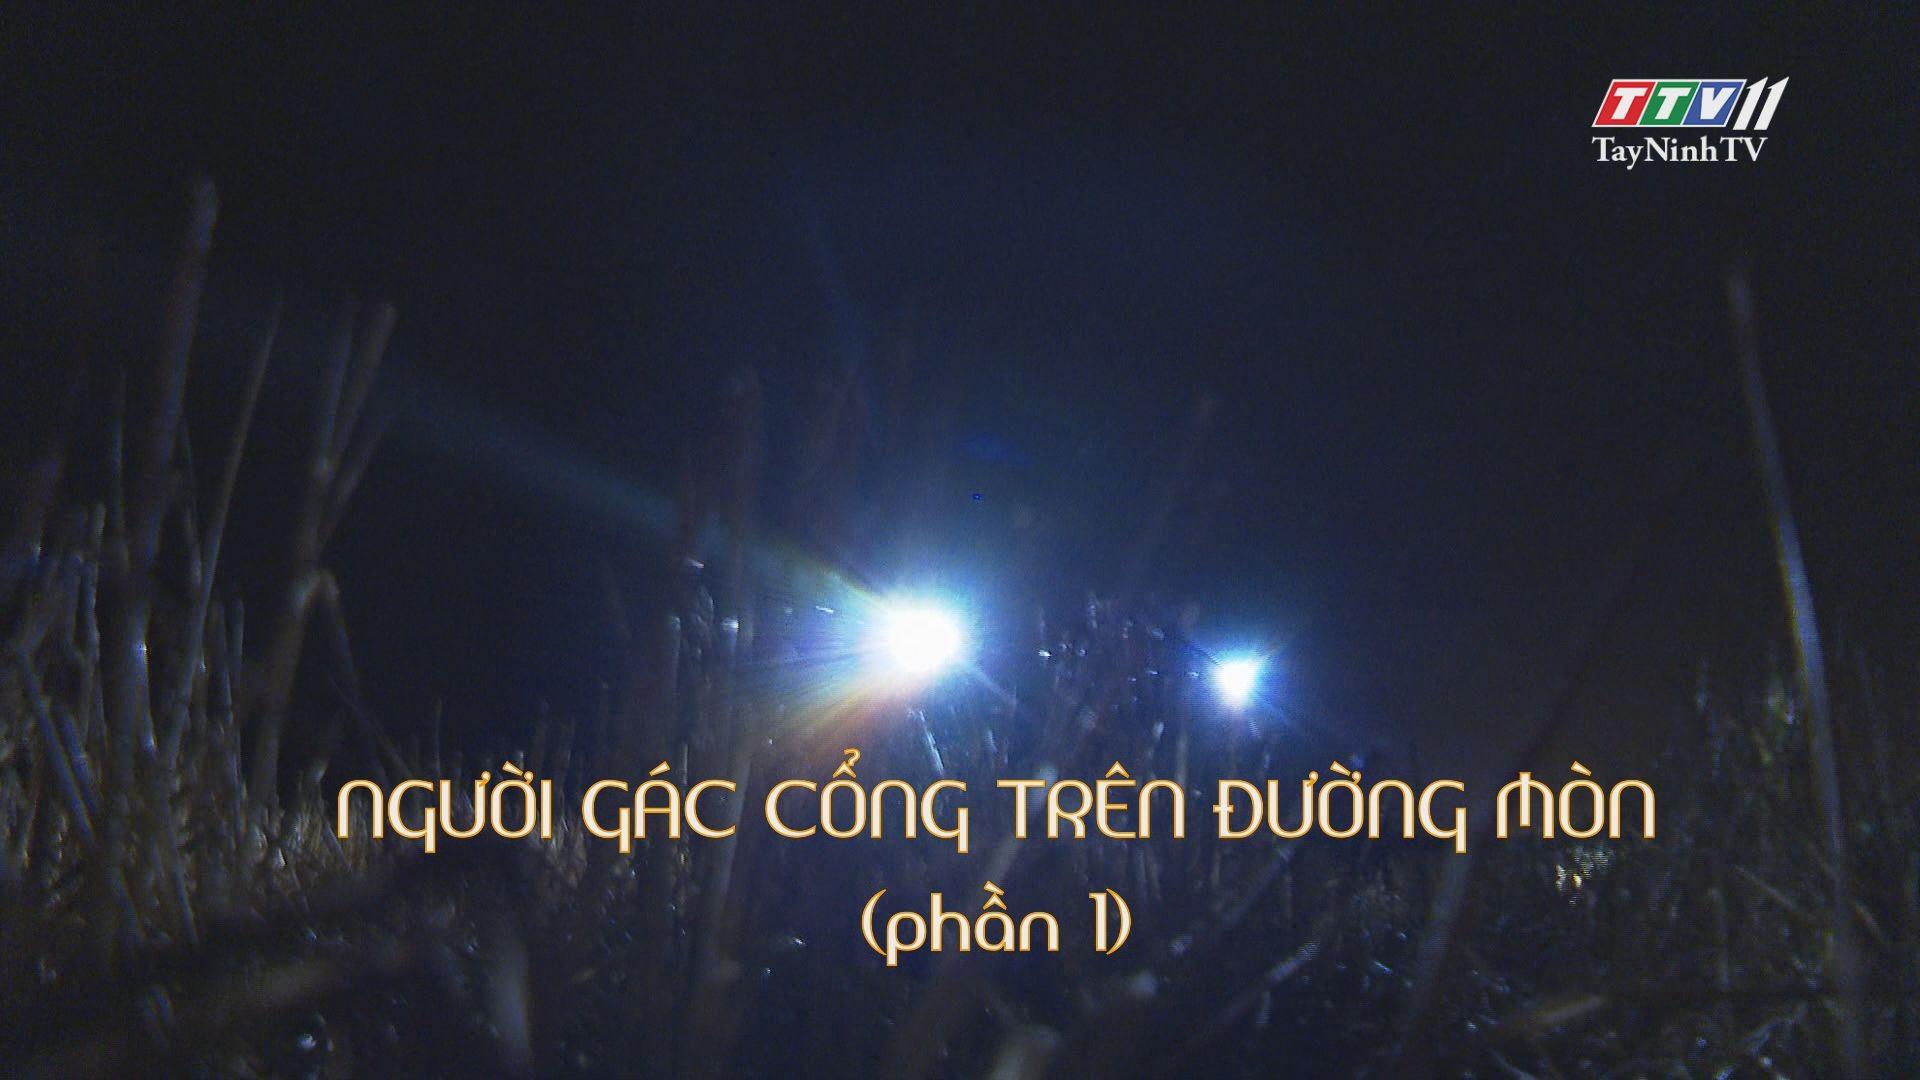 Người gác cổng trên đường mòn | DẤU ẤN CUỘC ĐỜI | TayNinhTV